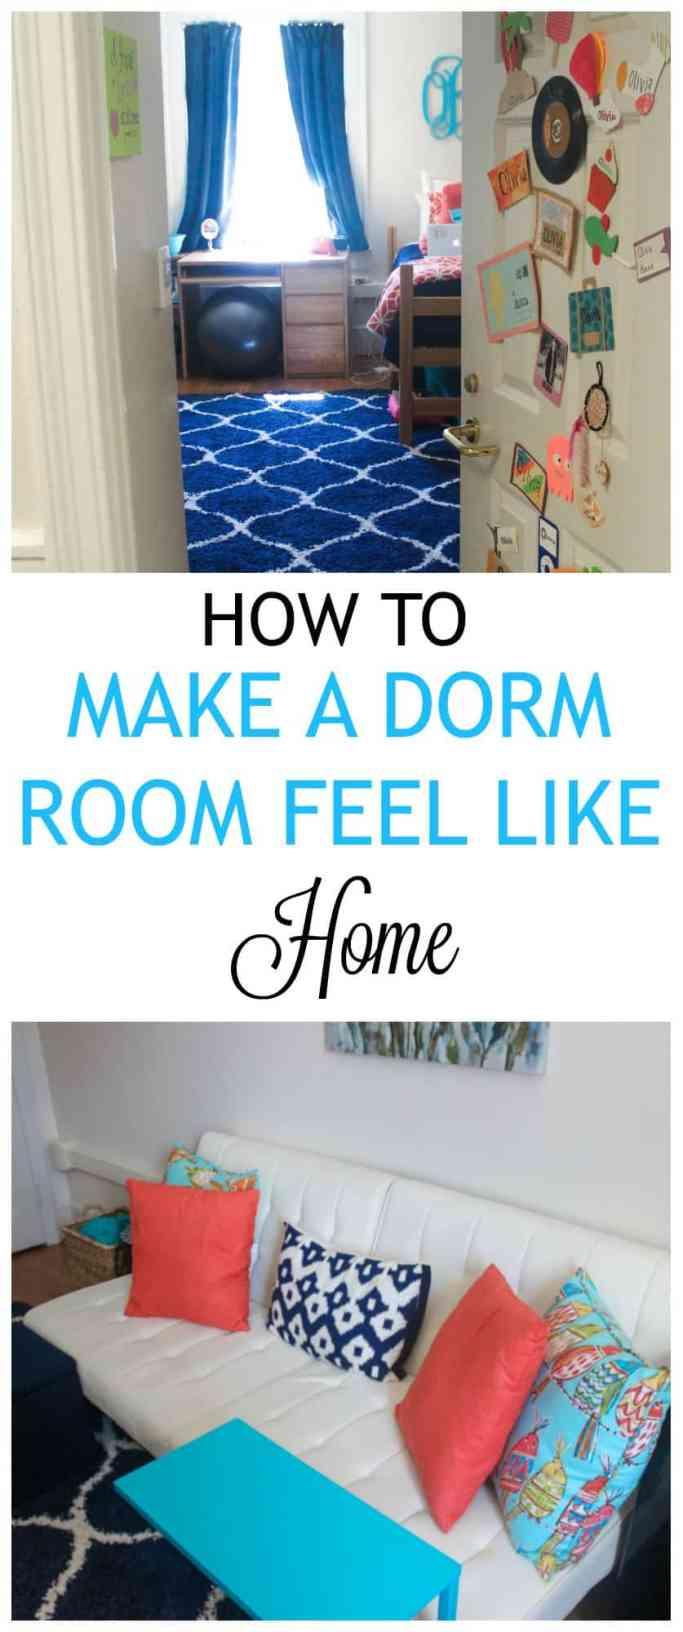 Tips for making a dorm room feel like home!